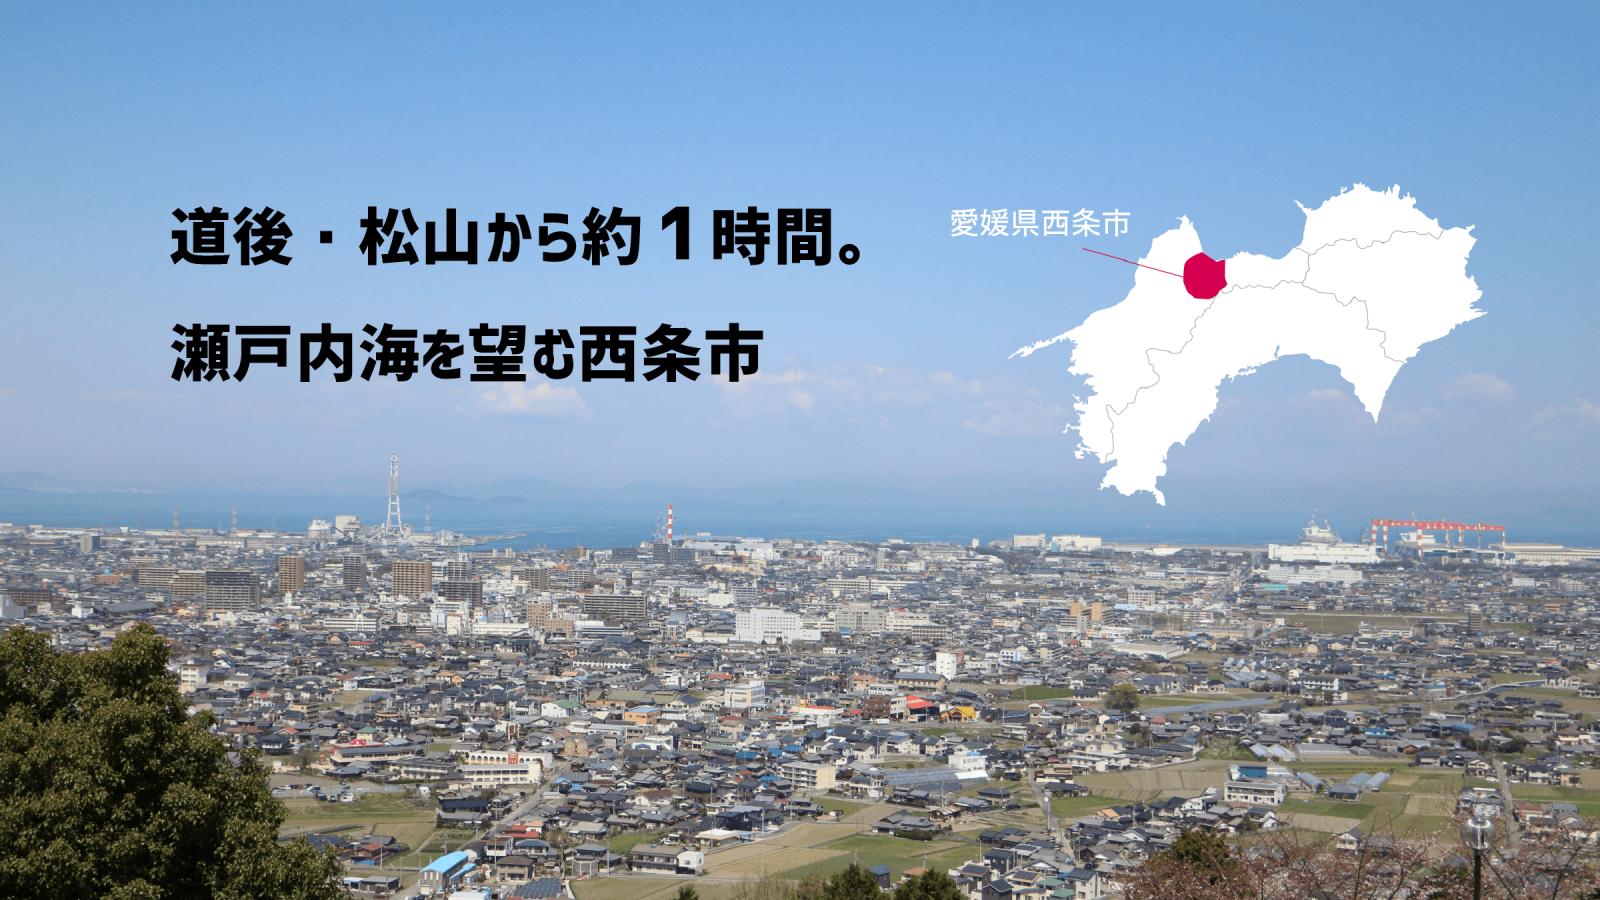 愛媛県西条市を一望した風景(【LOVE SAIJO】愛媛県西条市への移住・定住サポートサイトより)